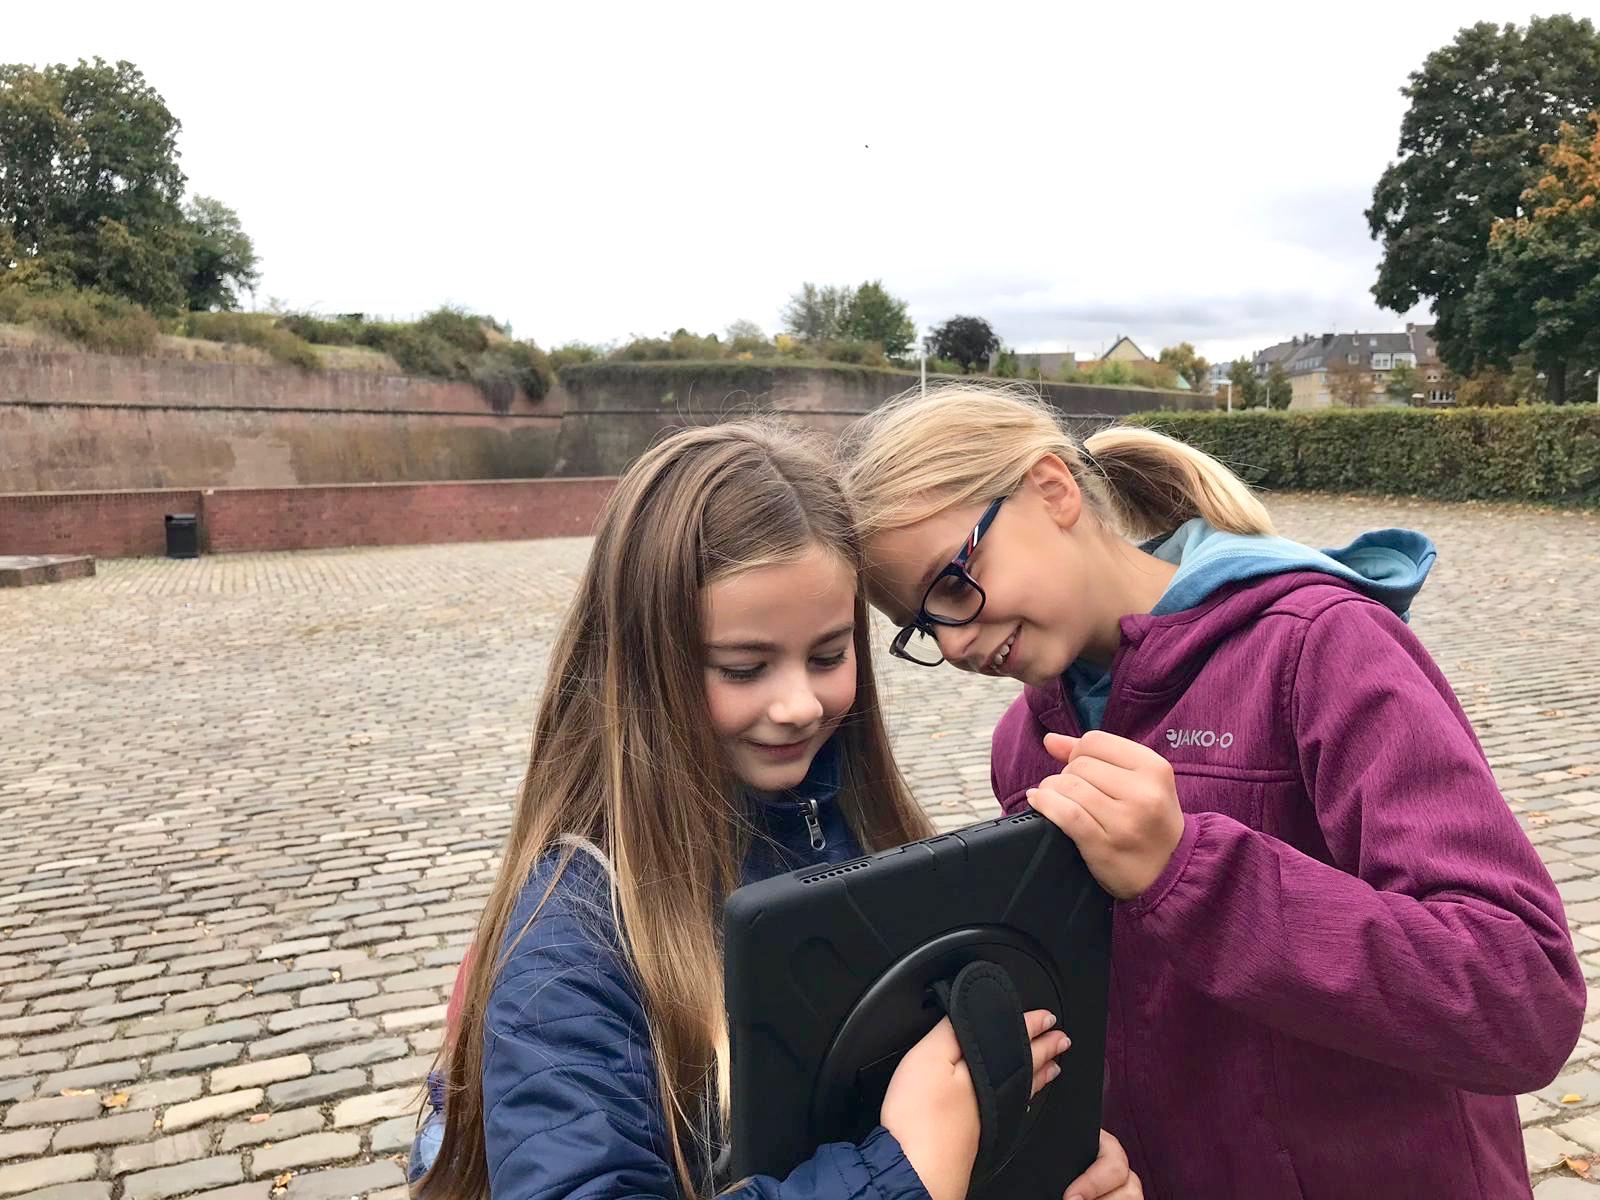 Schüler vor der Zitadelle